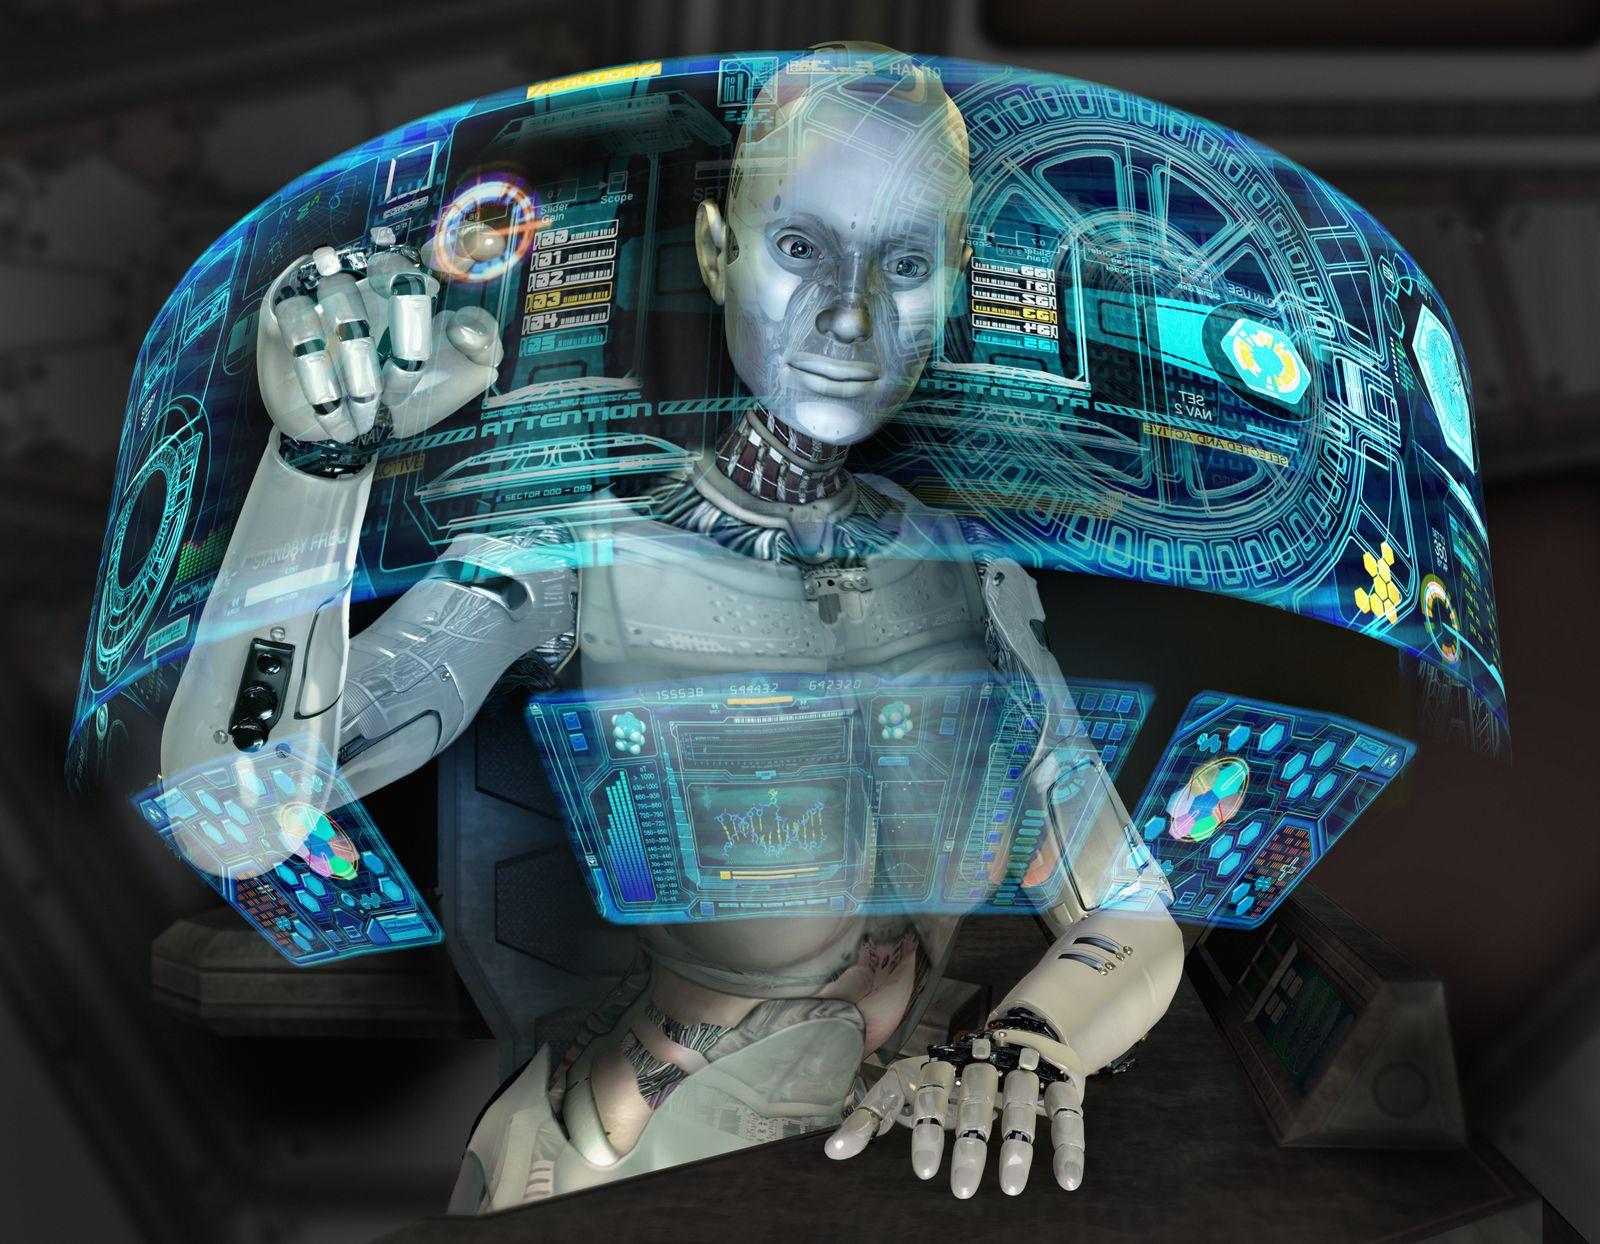 NICHT MEHR VERWENDEN! - Künstliche Intelligenz / Roboter am Computer